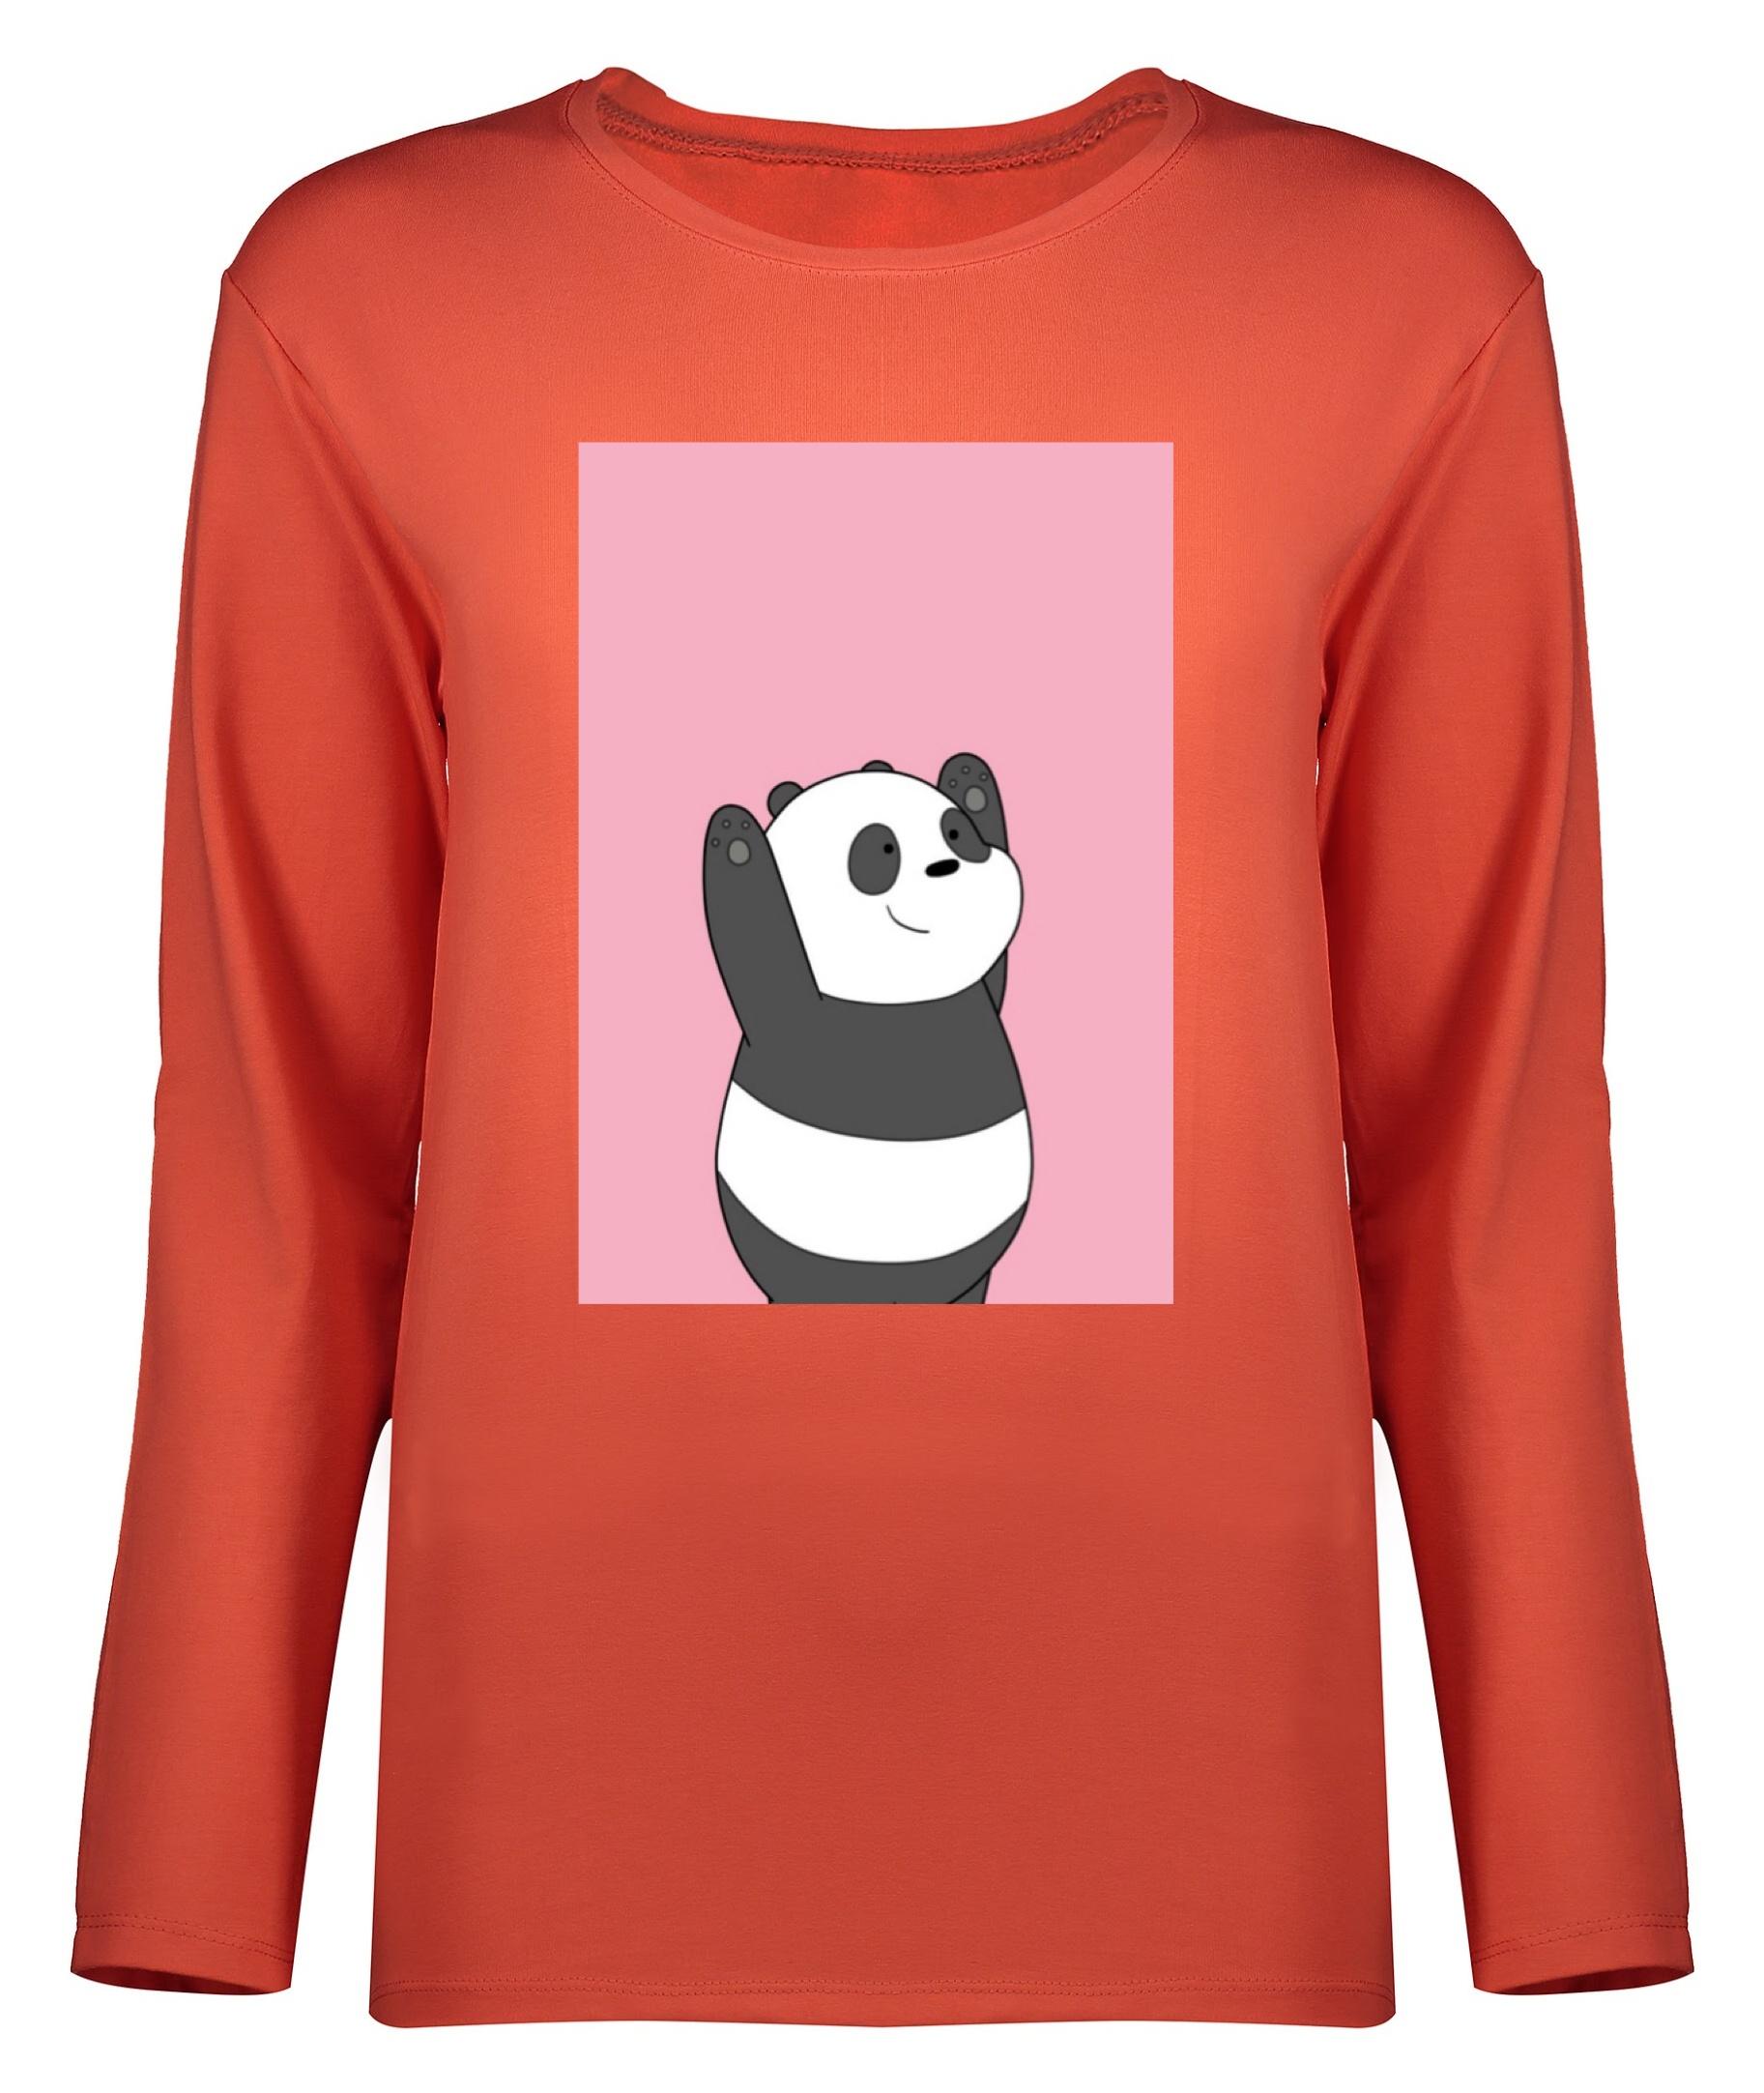 تی شرت آستین بلند زنانه طرح پاندا کد 8897